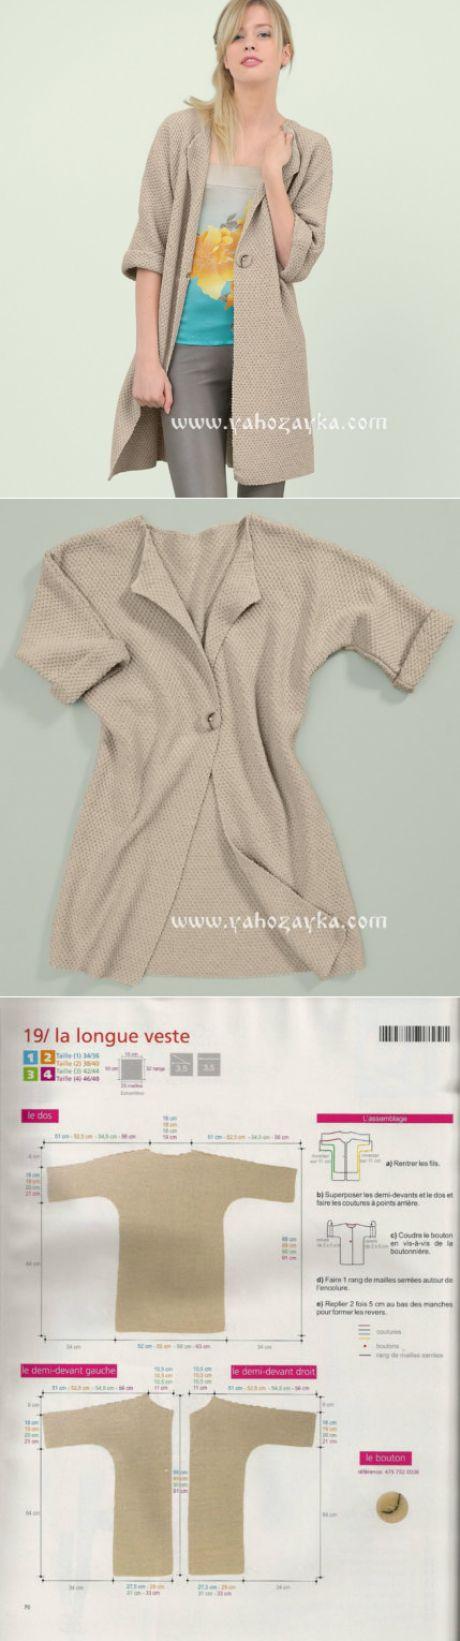 Свободный кардиган спицами плетеным узором. Схема и описание вязания на спицах летнего кардигана | Я Хозяйка